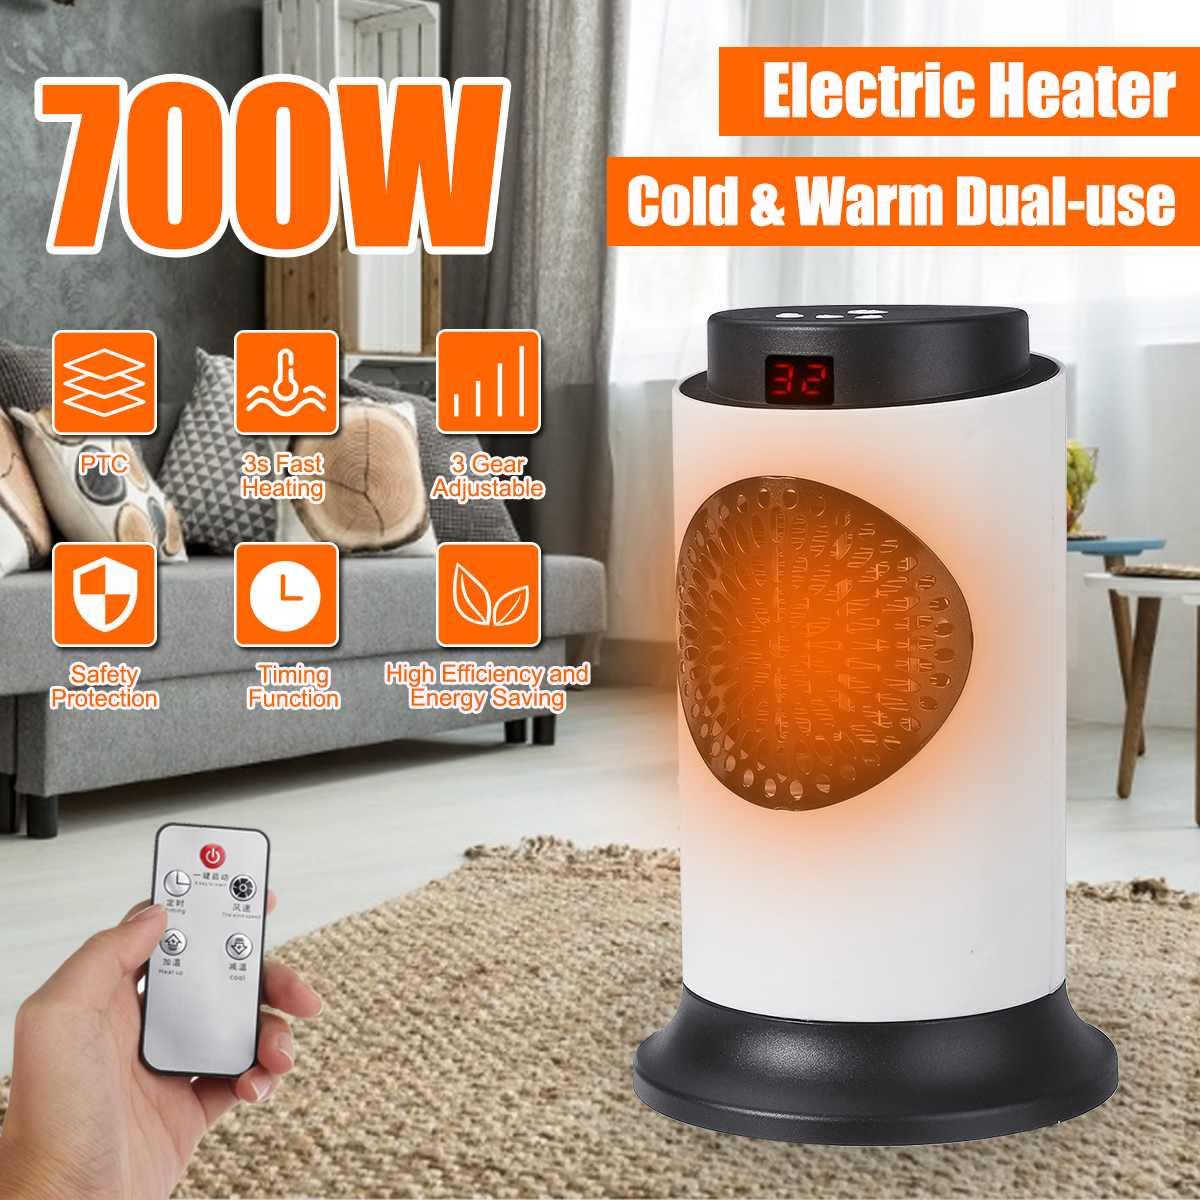 220V 50Hz 700W Мощность Электрический нагреватель Керамика Отопление Электрический обогреватель комнатные обогреватели теплым воздухом теплов...